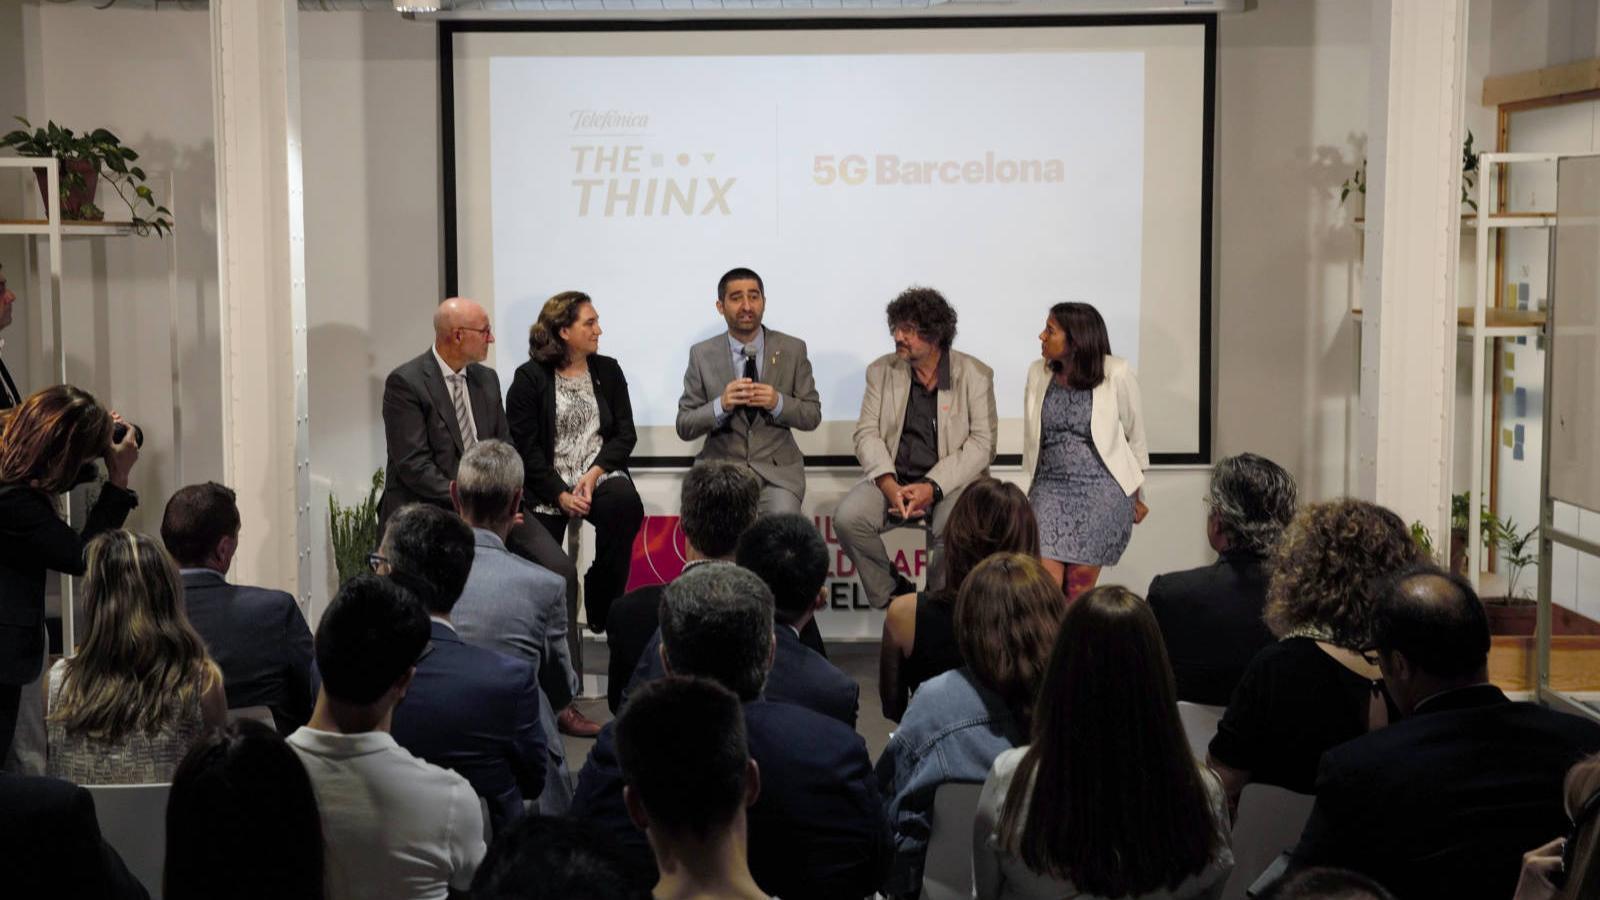 El director general de la MWC, Carlos Grau, amb l'alcaldessa Ada Colau, el conseller Jordi Puigneró i la consellera delegada de Telefónica a Espanya, María Jesús Almazor.